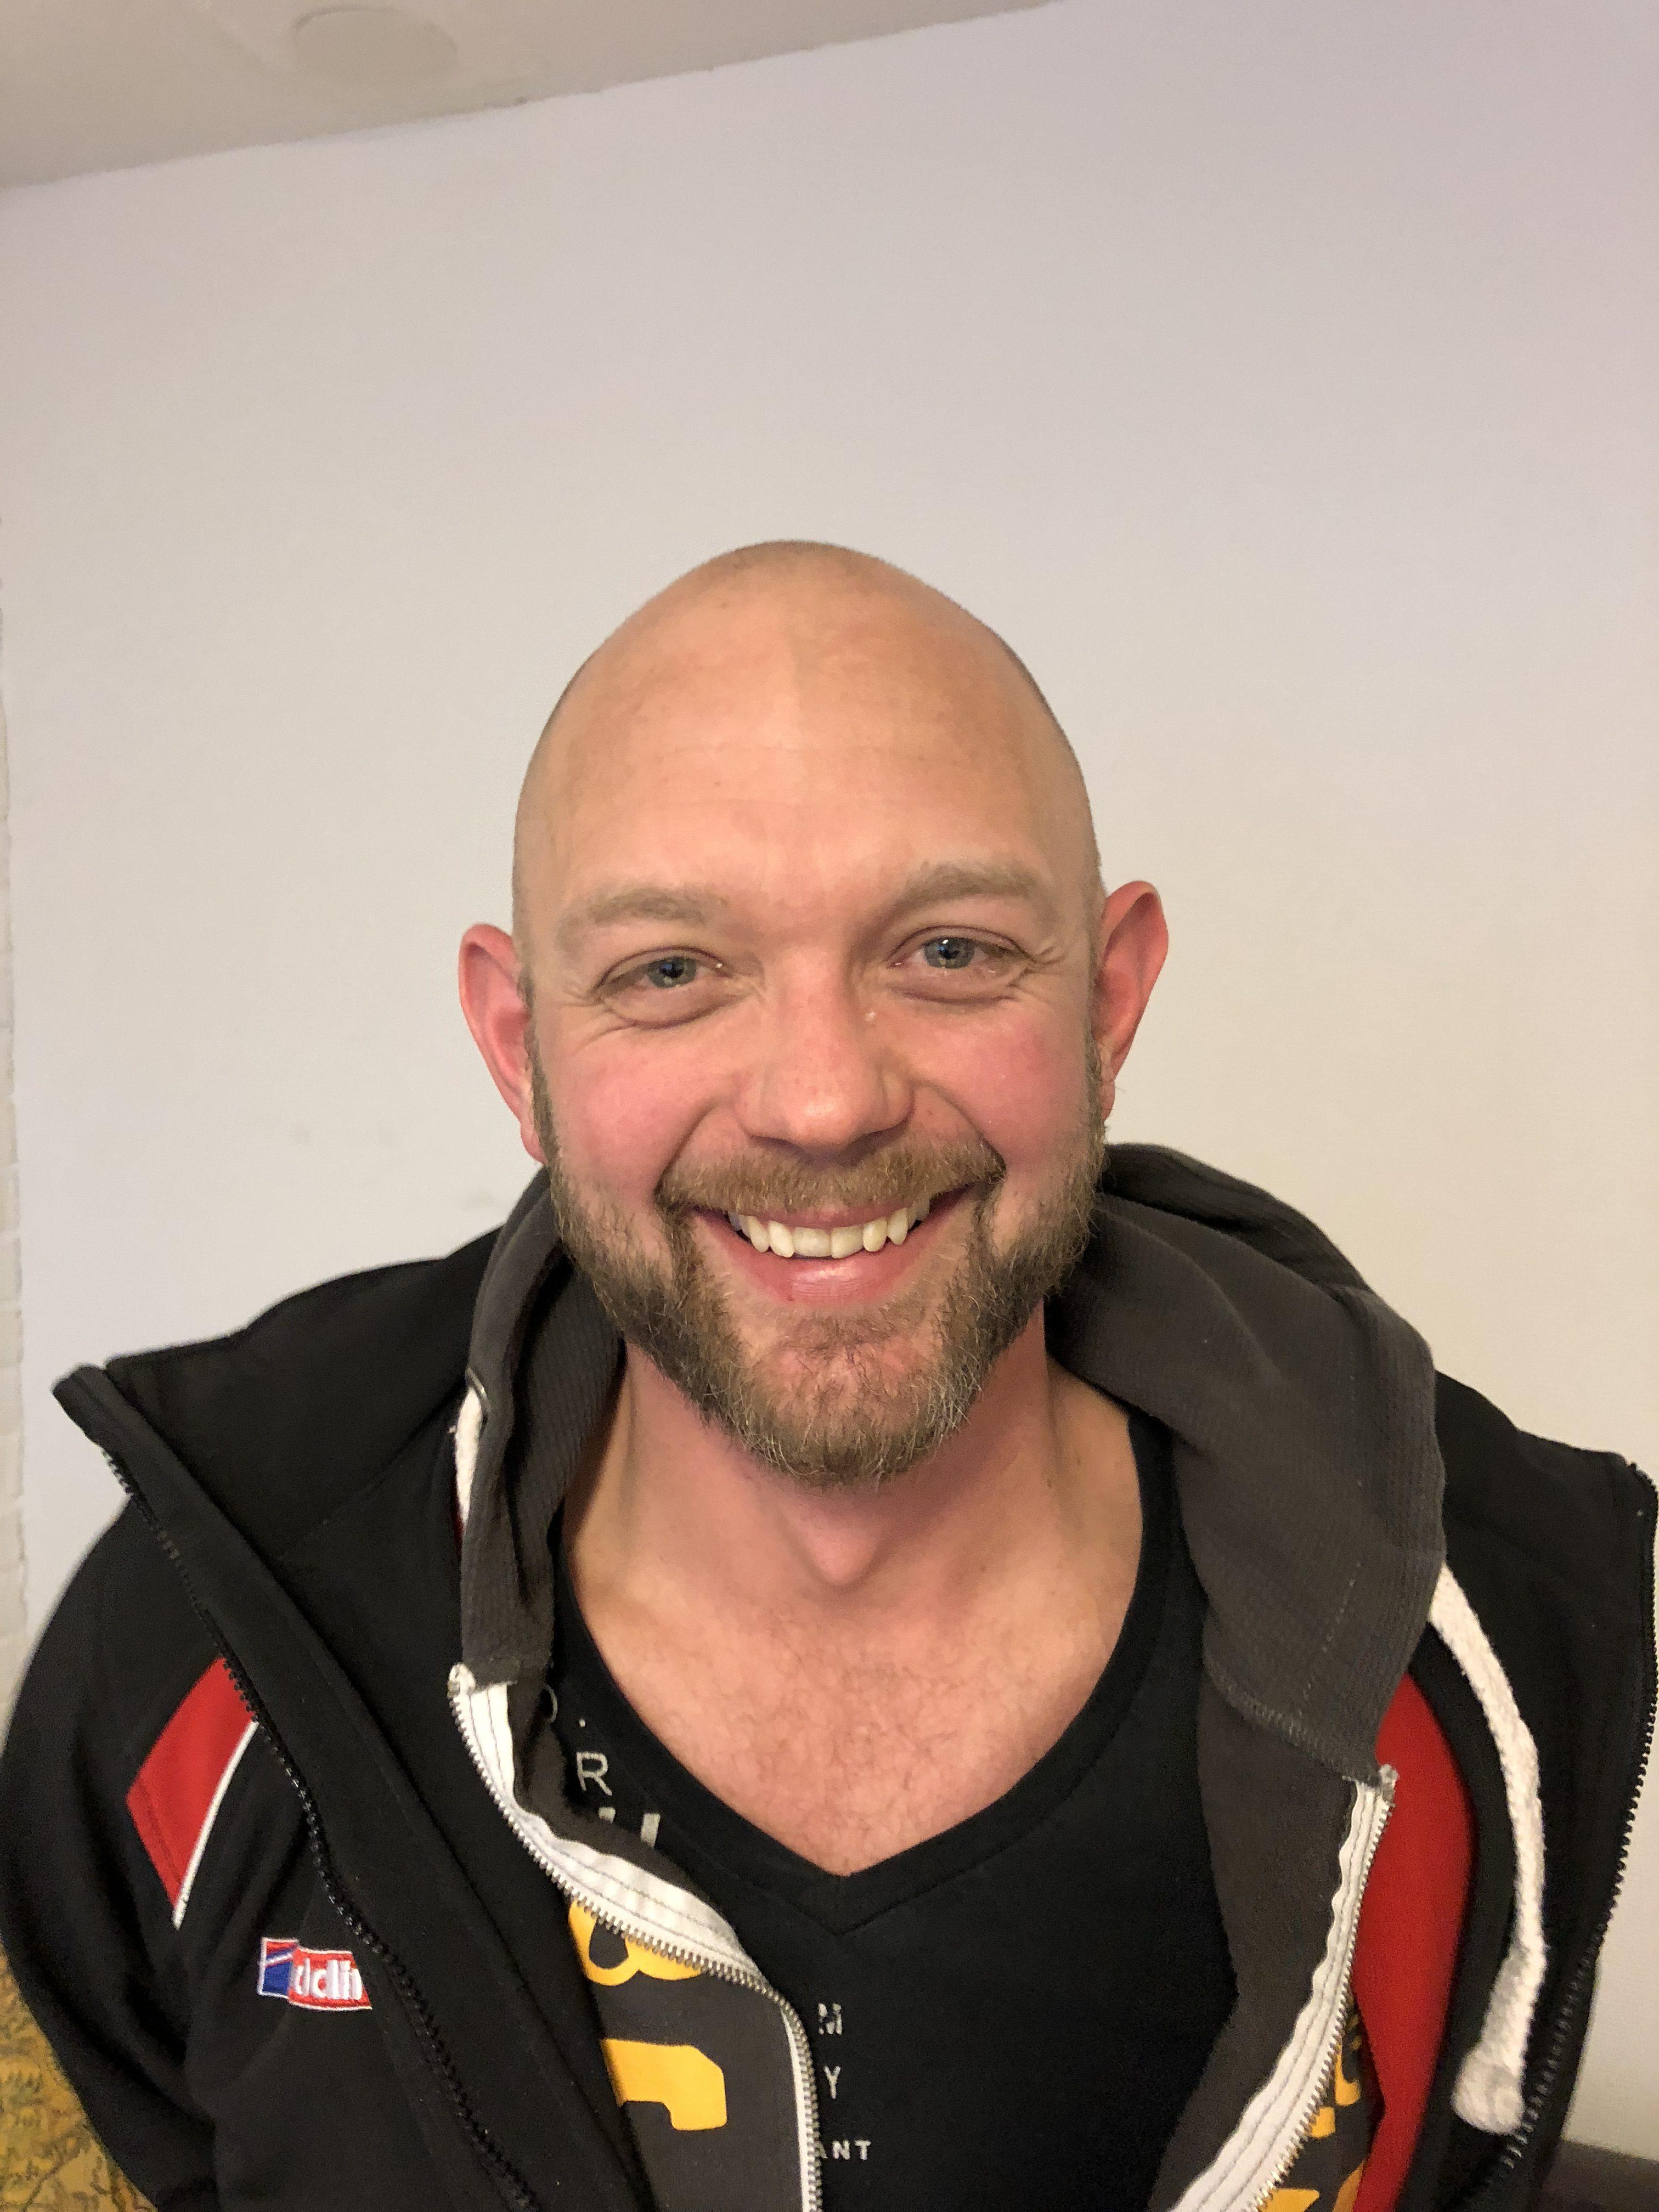 Henrik Wremert